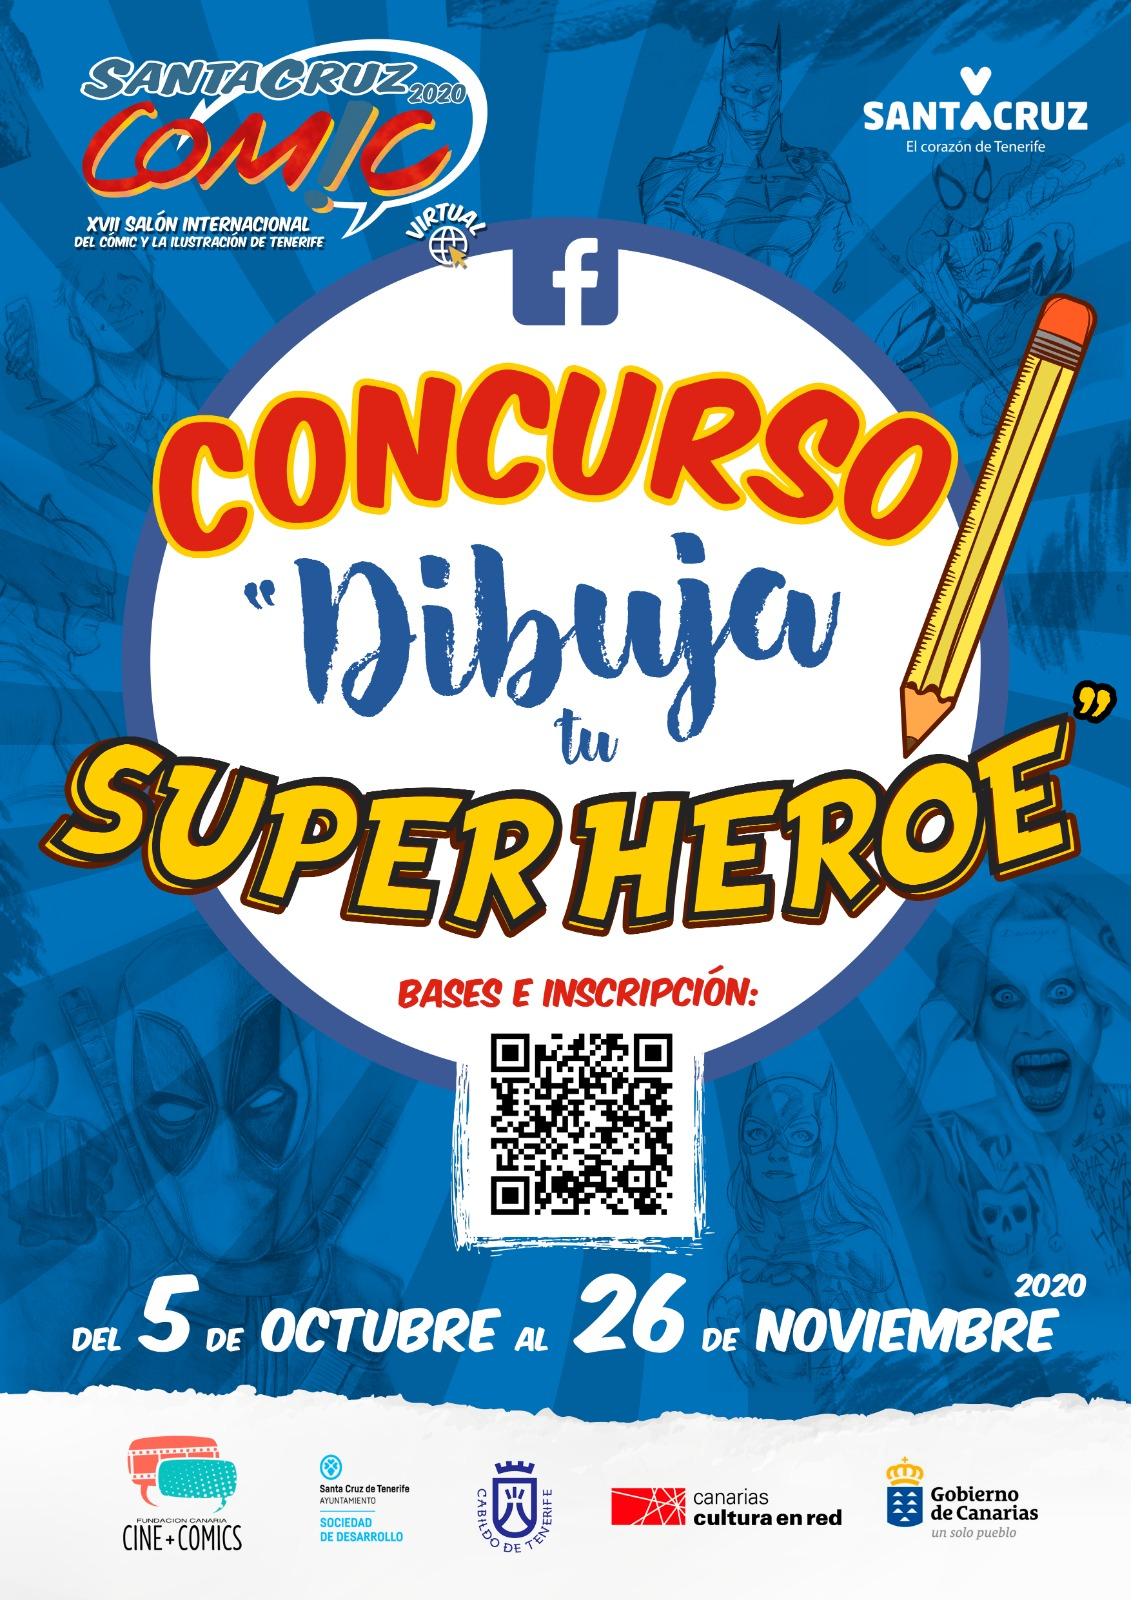 Santa Cruz Cómic 2020 lanza un concurso popular de dibujo para escolares de Canarias